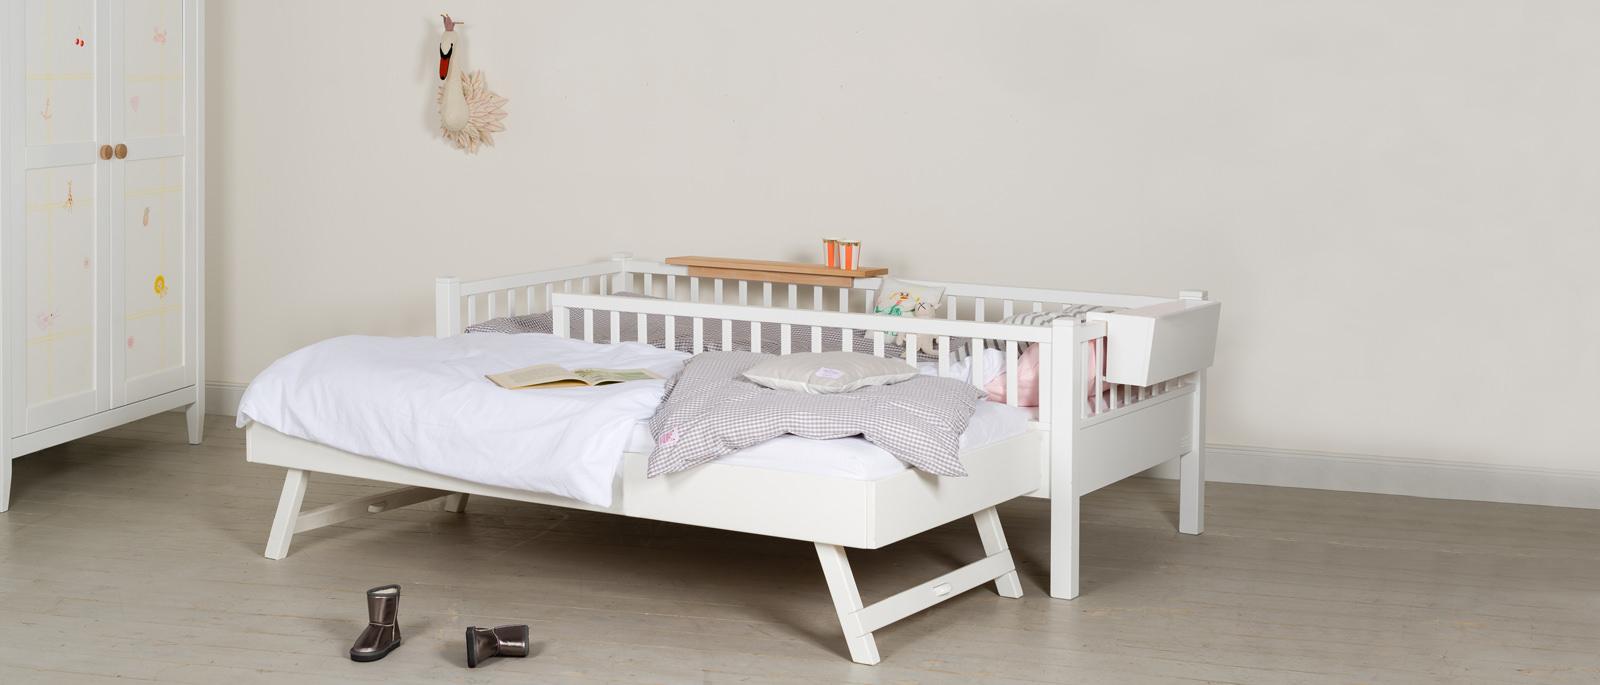 Kinderzimmer En | Kinder Und Jugendzimmer Mobel Von Seipp Wohnen